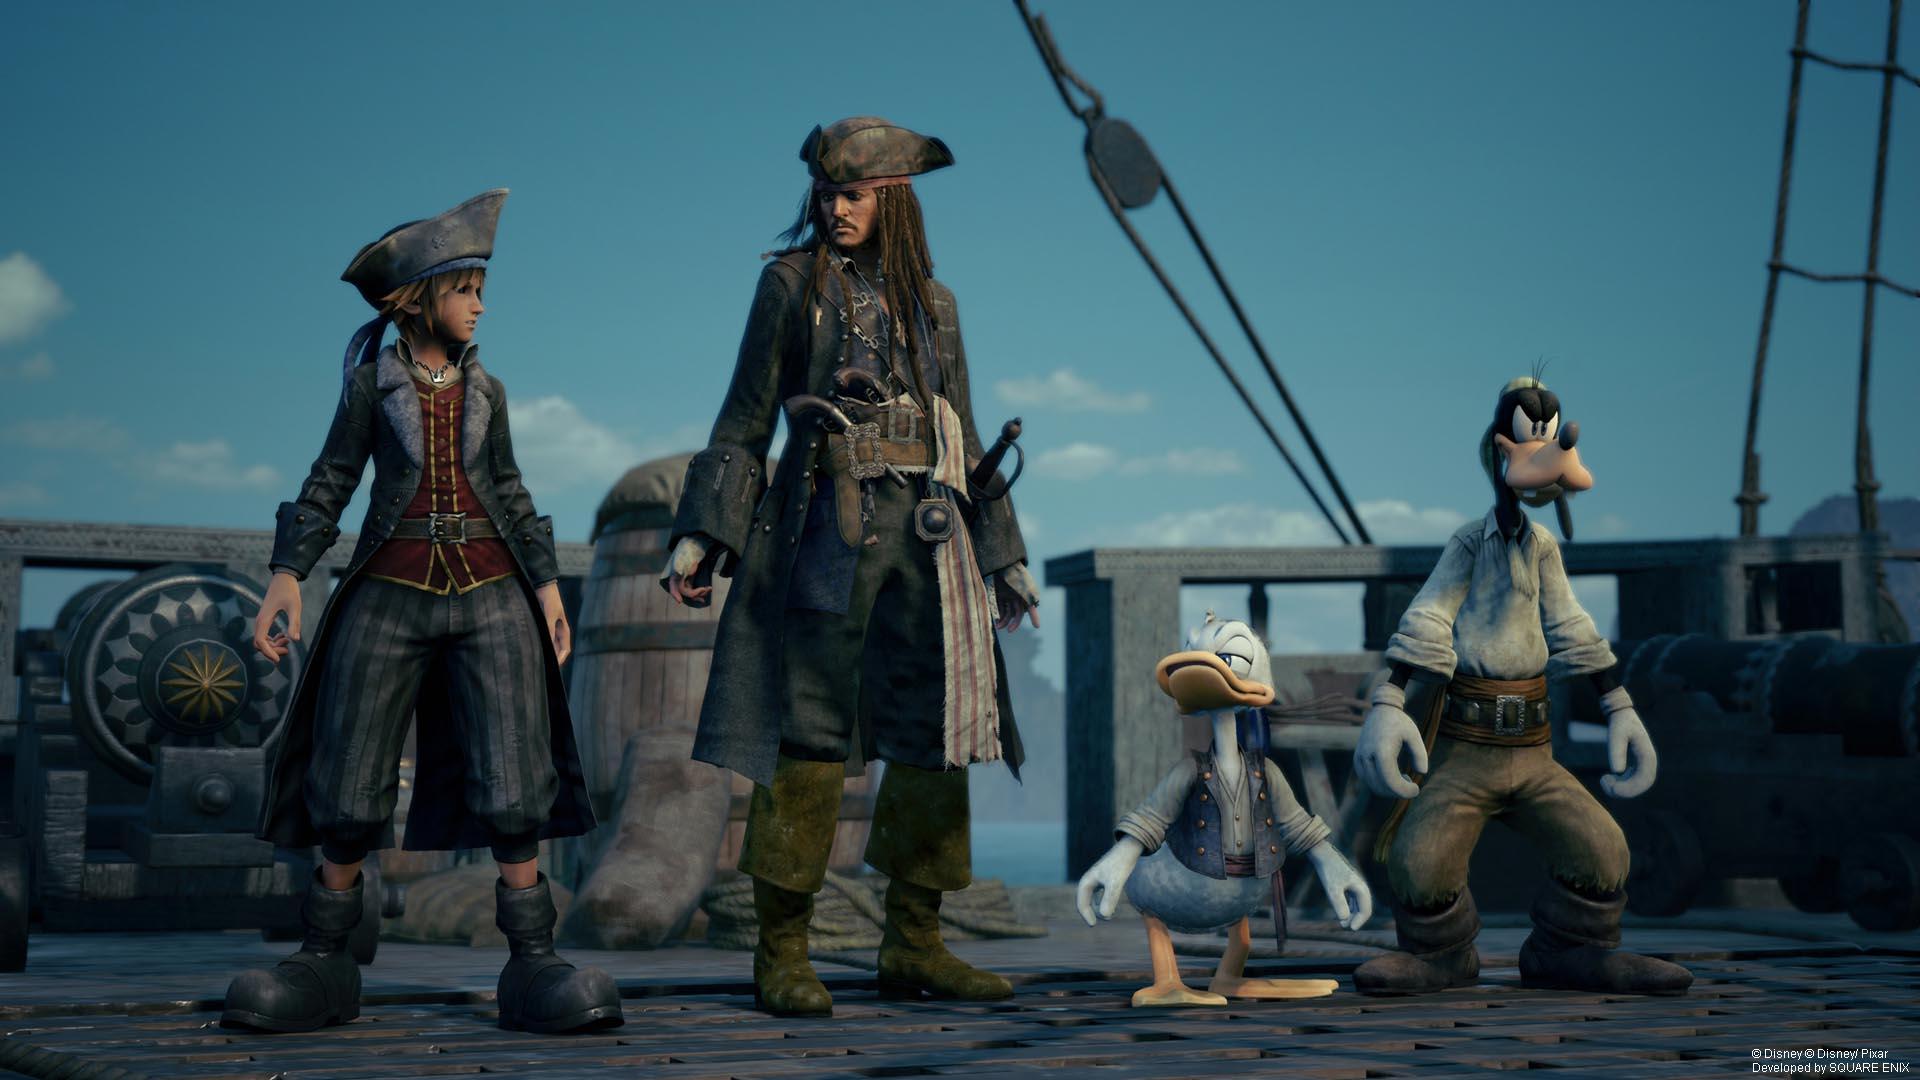 Imagen oficial de Kingdom Hearts 3 de Piratas del Caribe